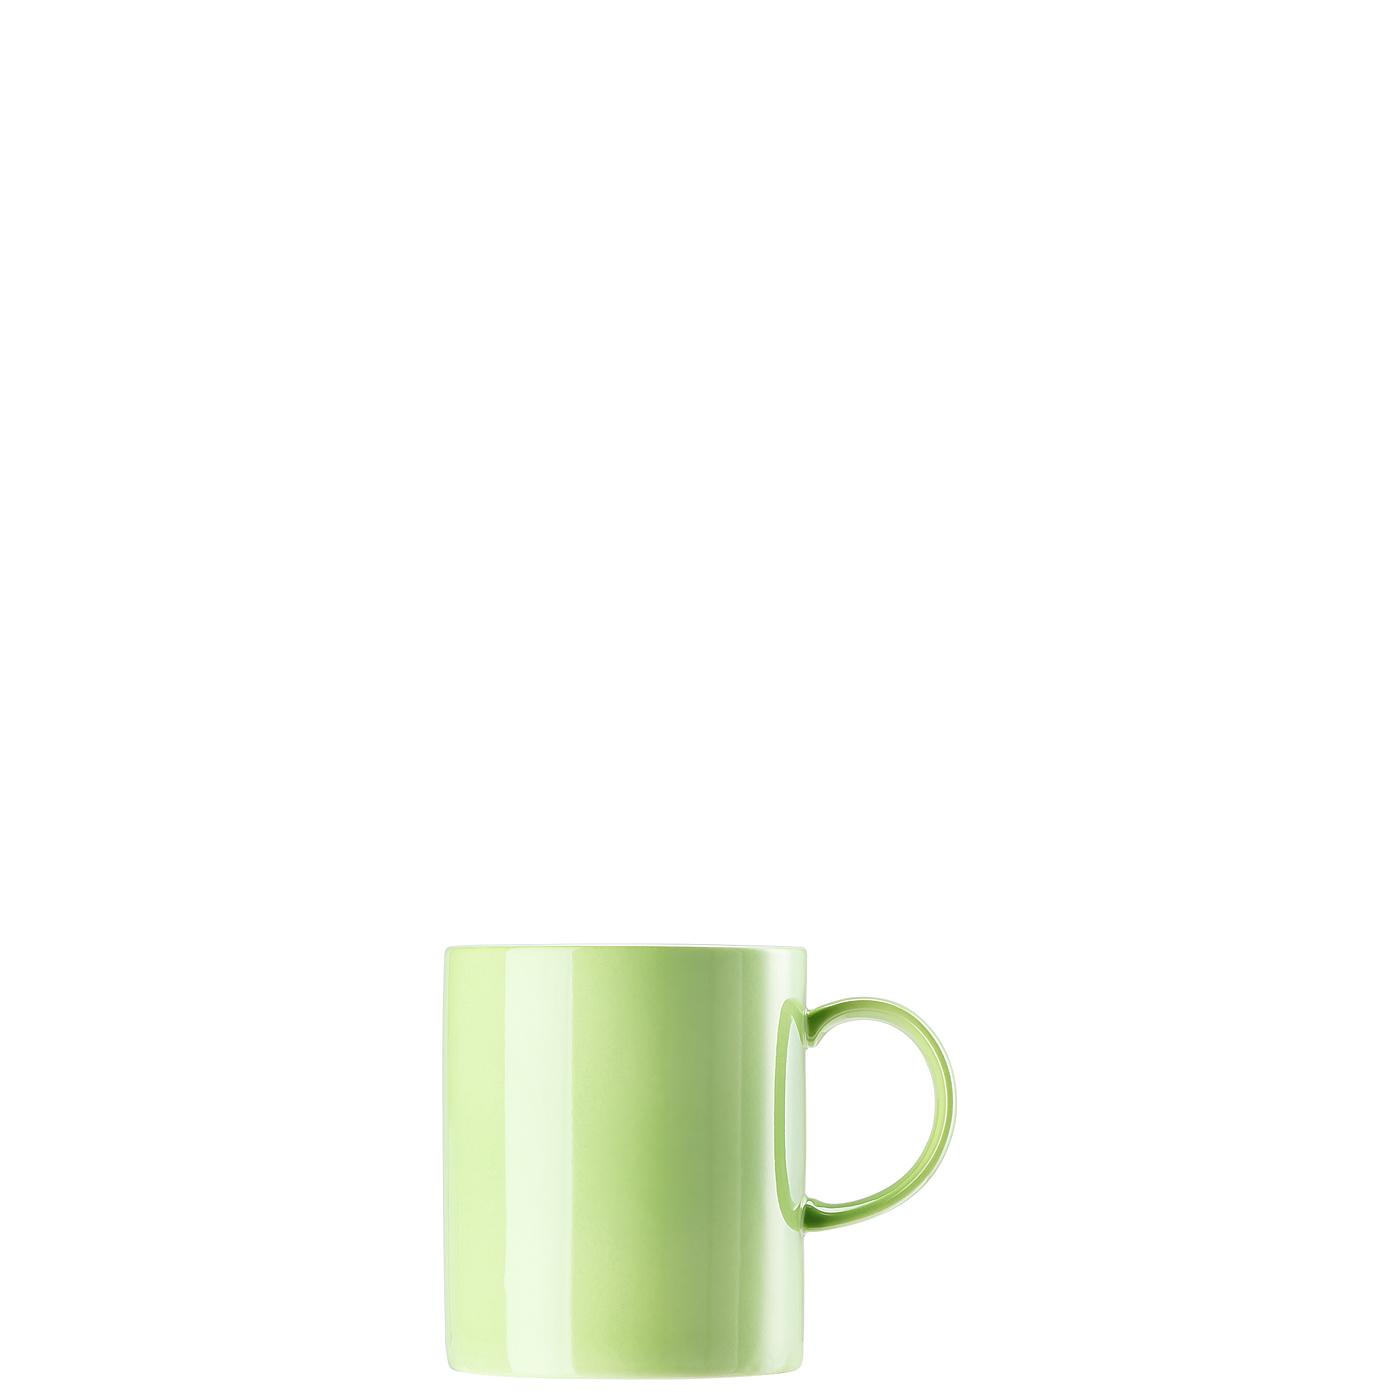 Becher mit Henkel groß Sunny Day Apple Green Thomas Porzellan